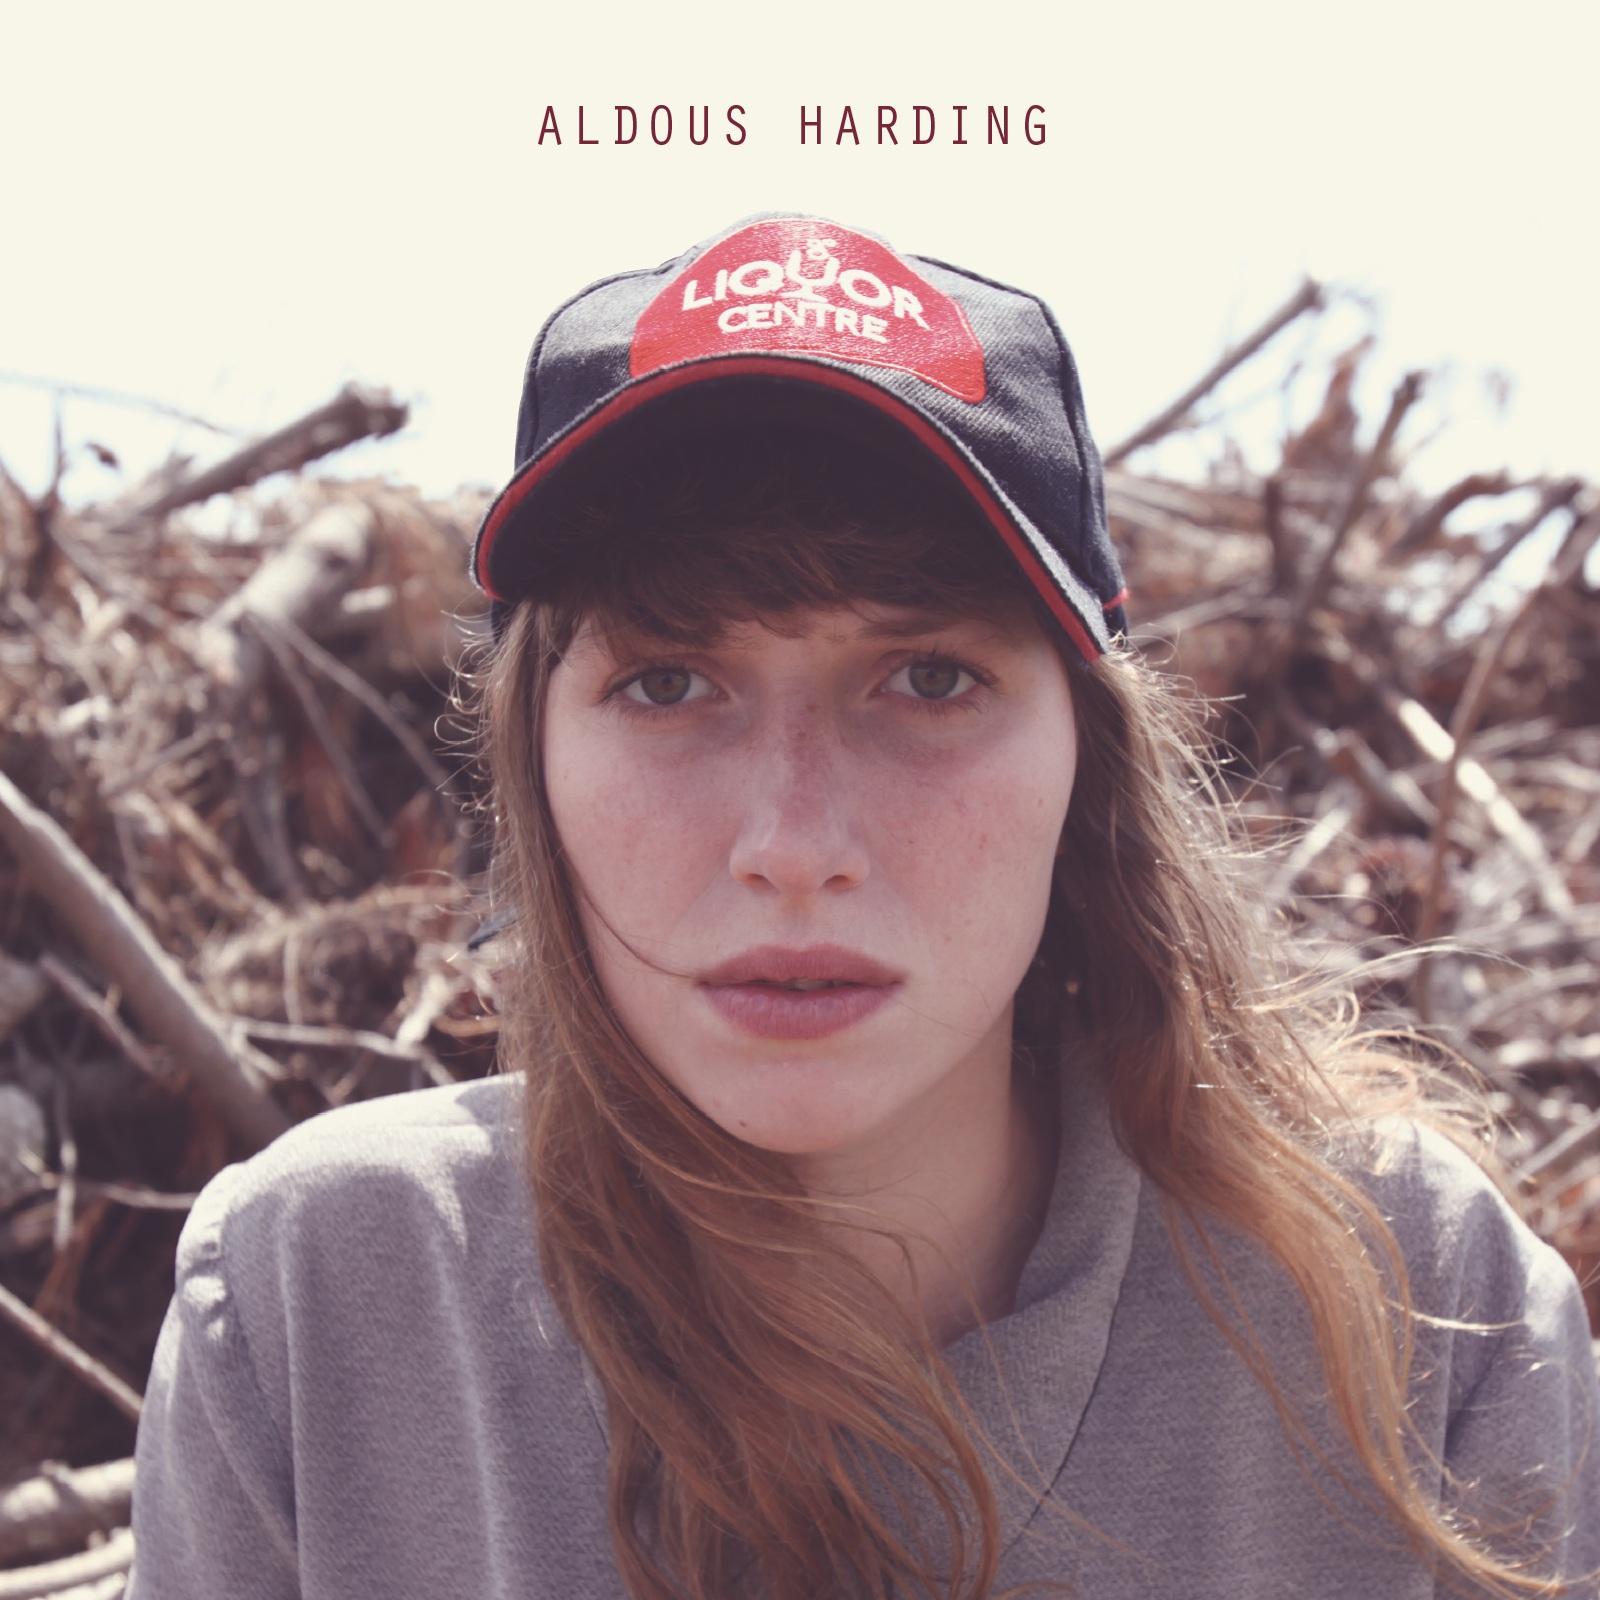 Quelle chanson écoutes-tu en ce moment ? - Page 4 Aldous-Harding-Aldous-Harding